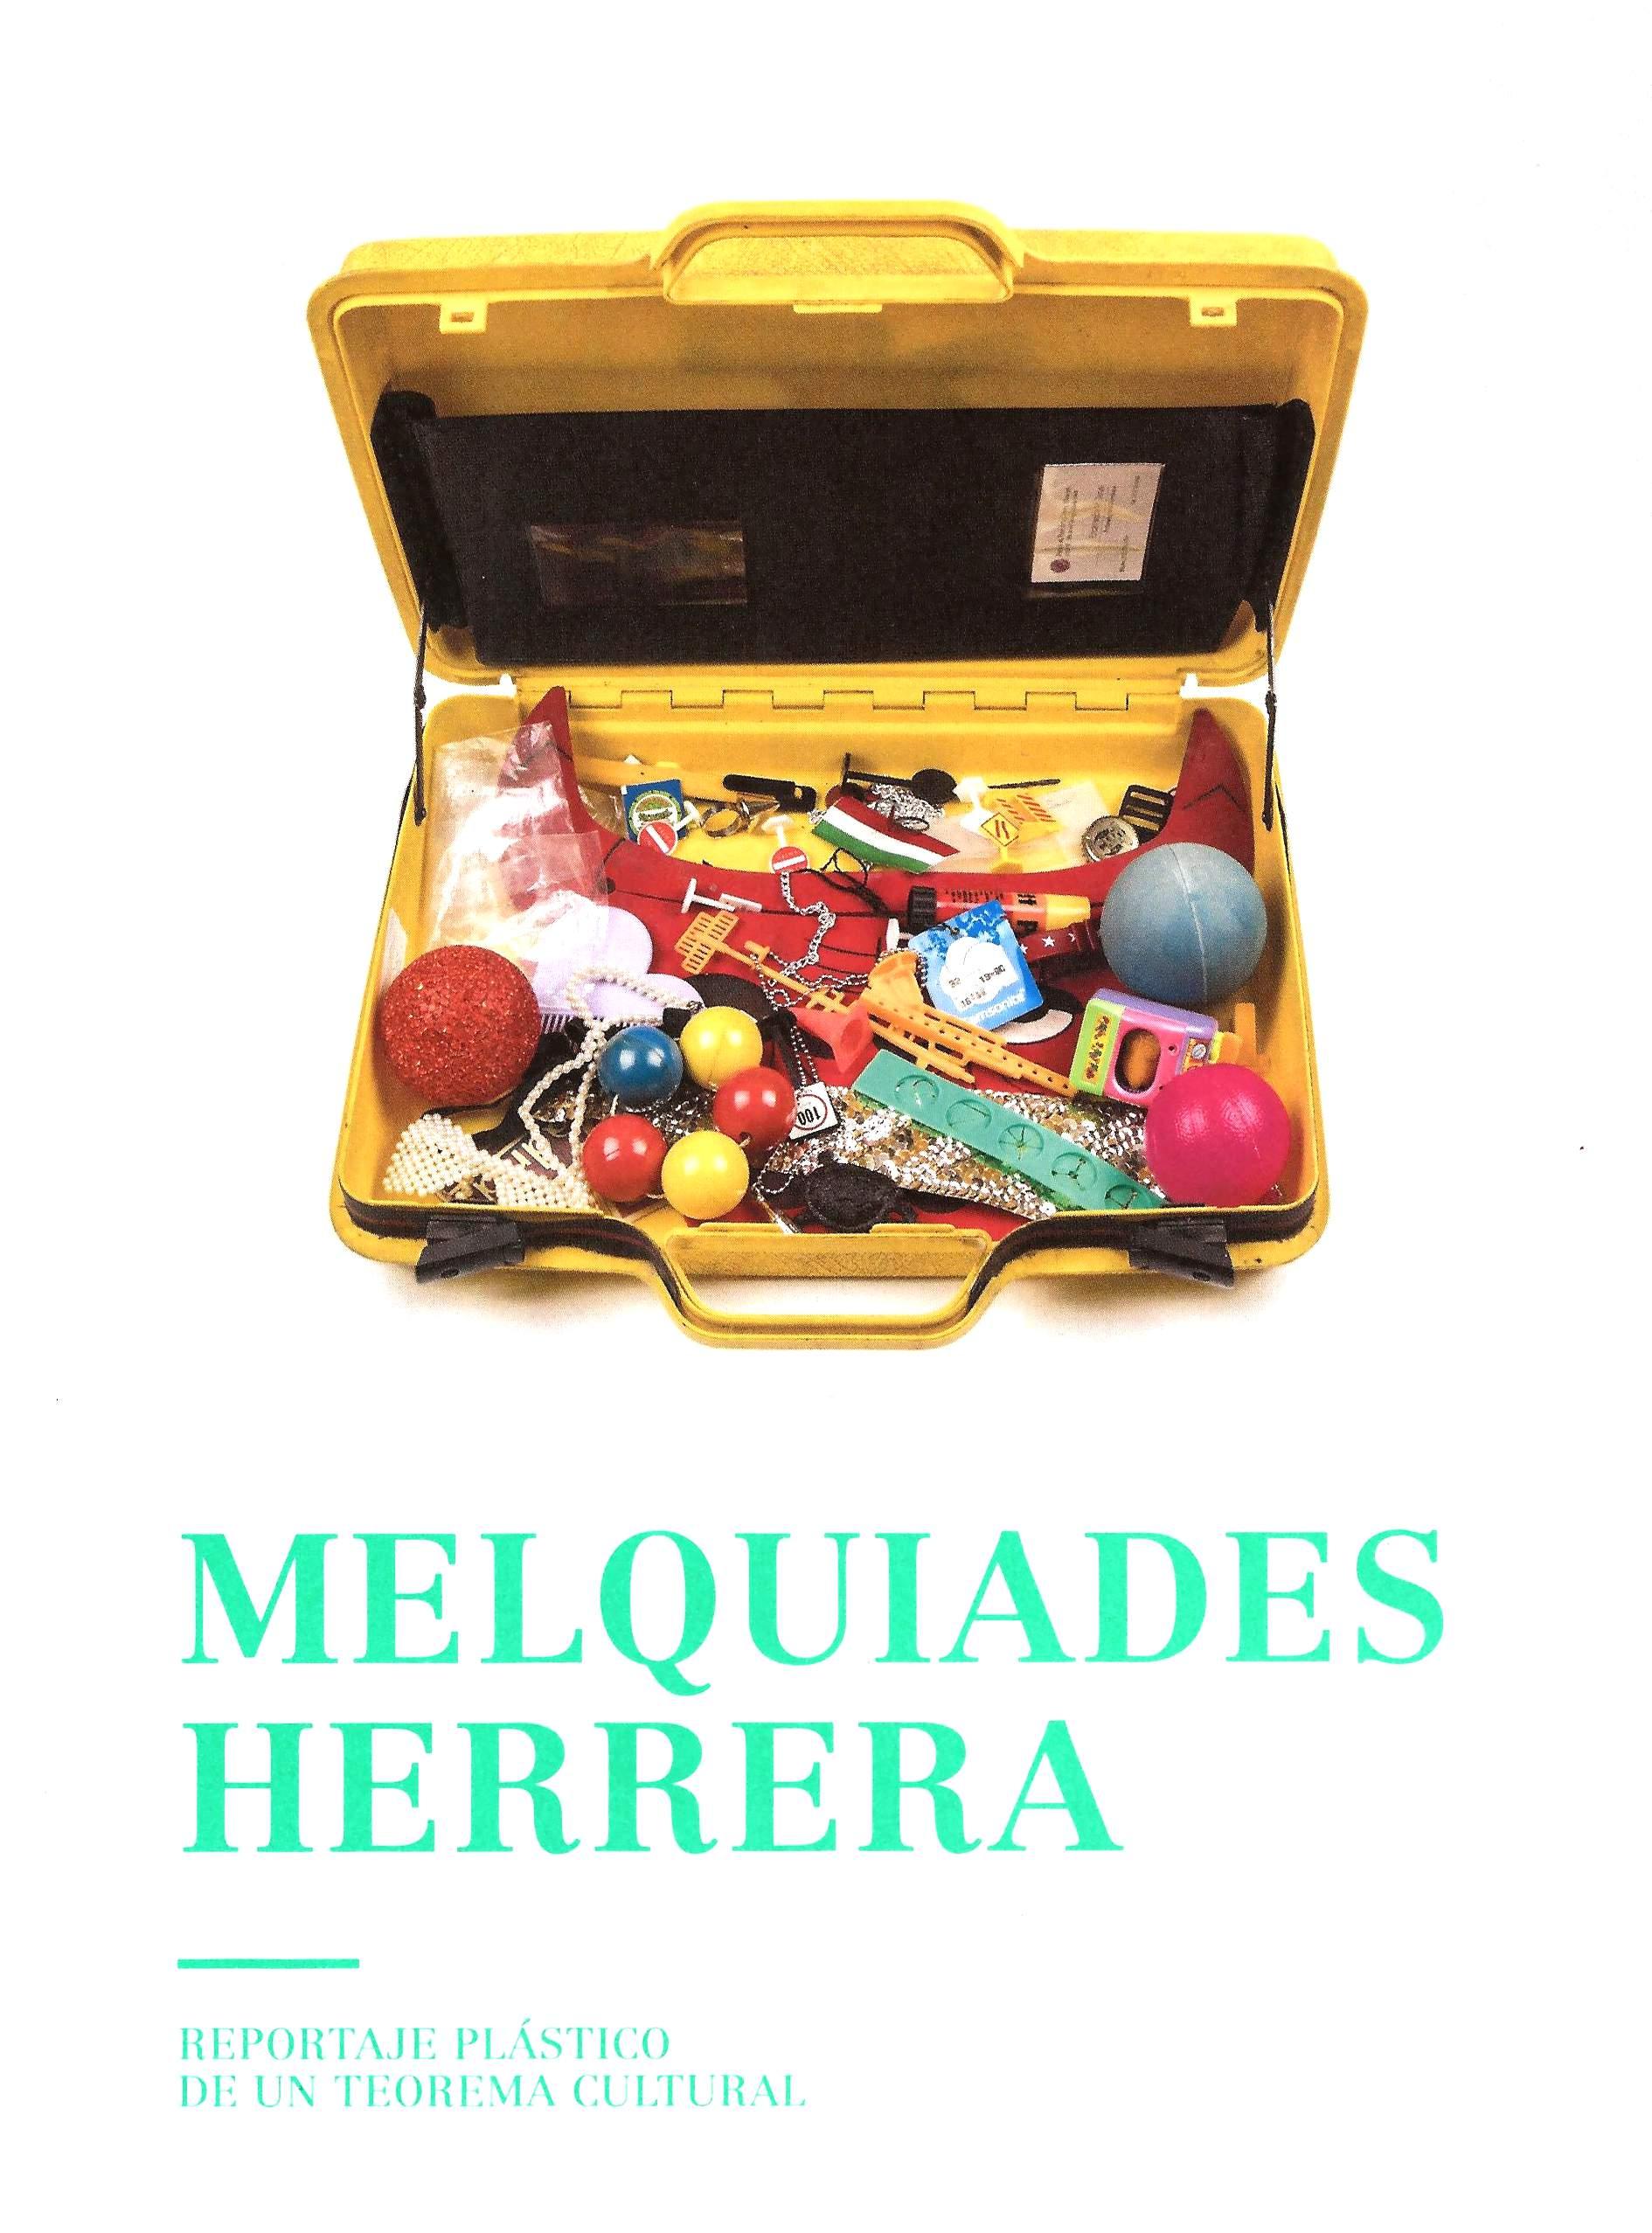 Melquiades Herrera. Reportaje plástico de un teorema cultural